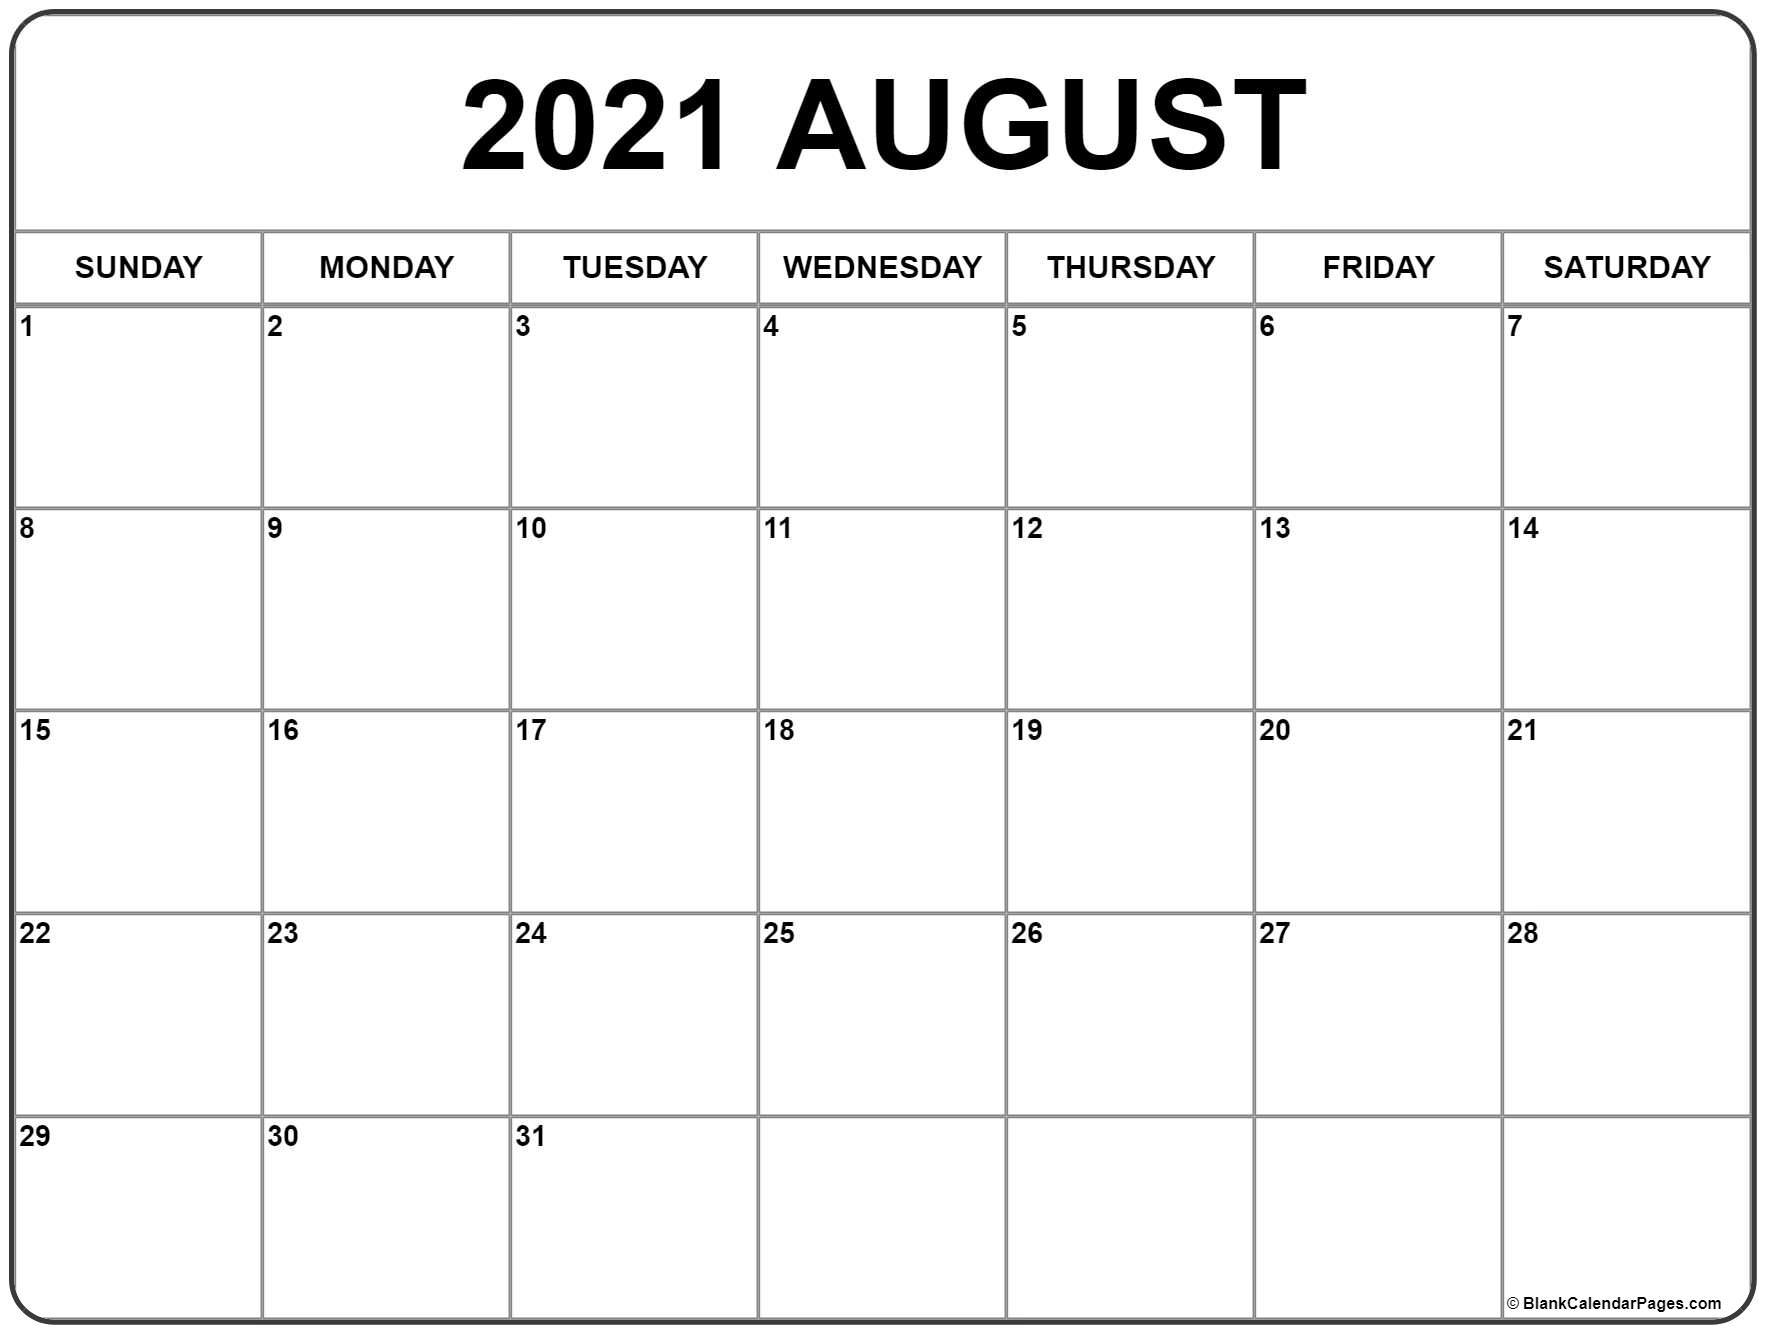 Get Calendar For August Through December 2021